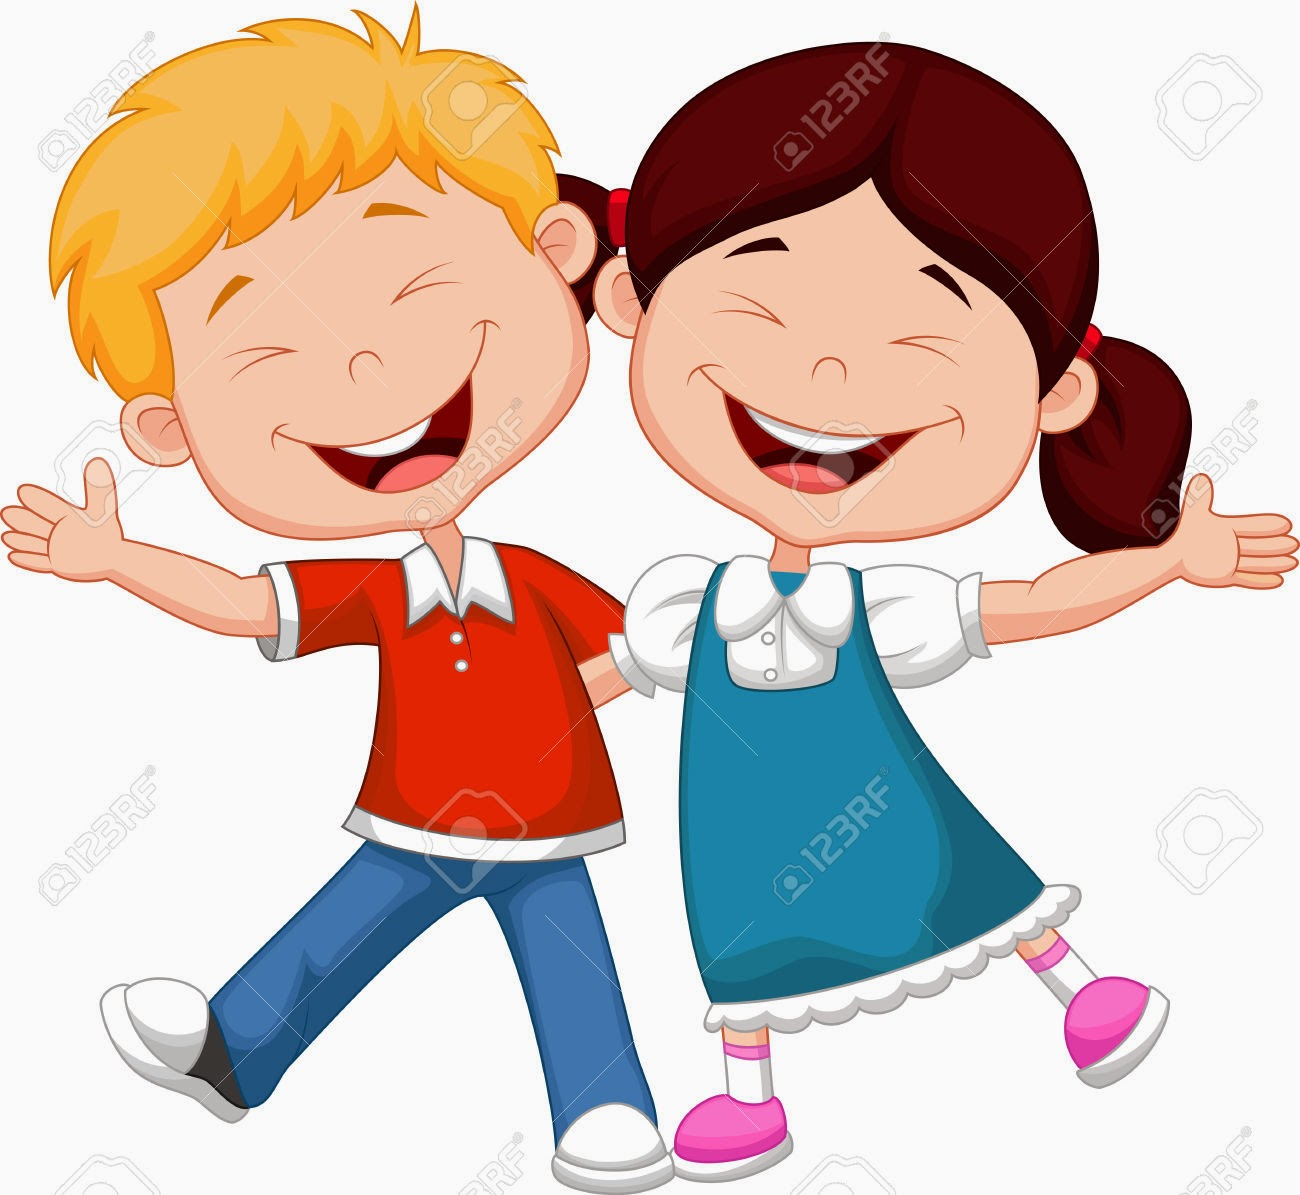 Aprendemos con lorax qu es la amistad - Imagenes de animacion ...